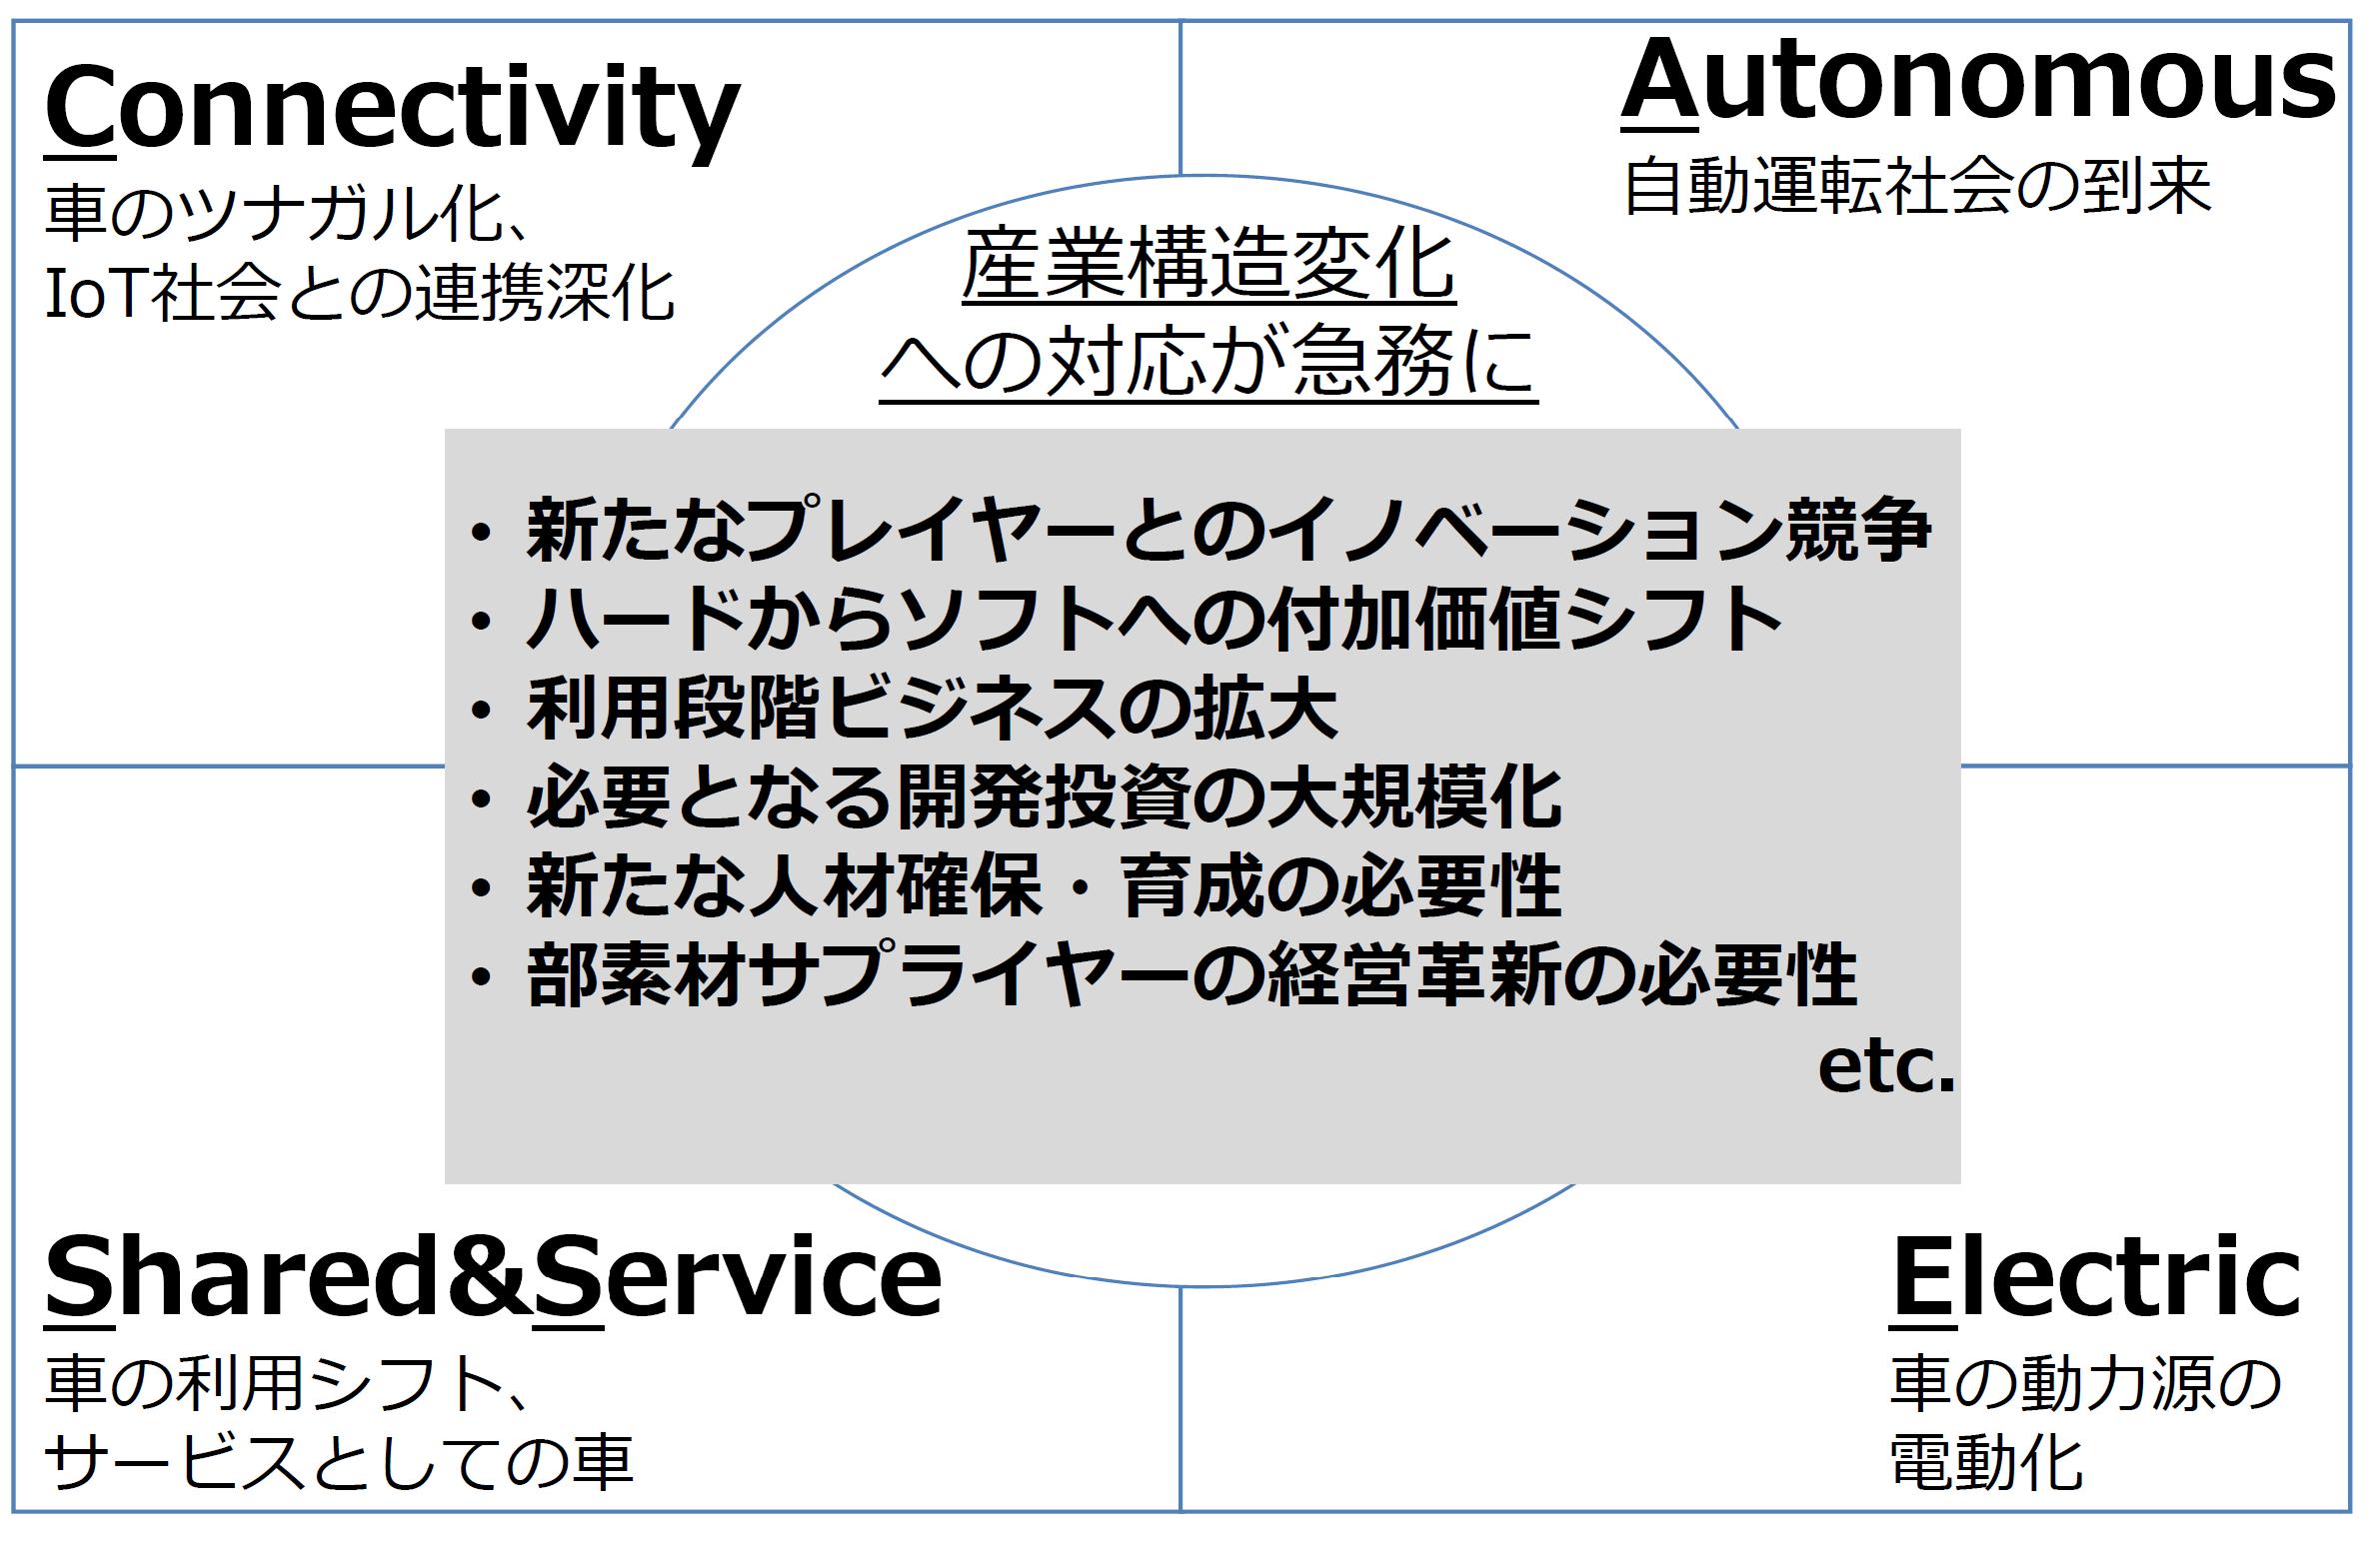 「ツナガル化(Connectivity)」「自動化(Autonomous)」「利用シフト、サービス化(Shared&Service)」「電動化(Electoric)」を示した図です。